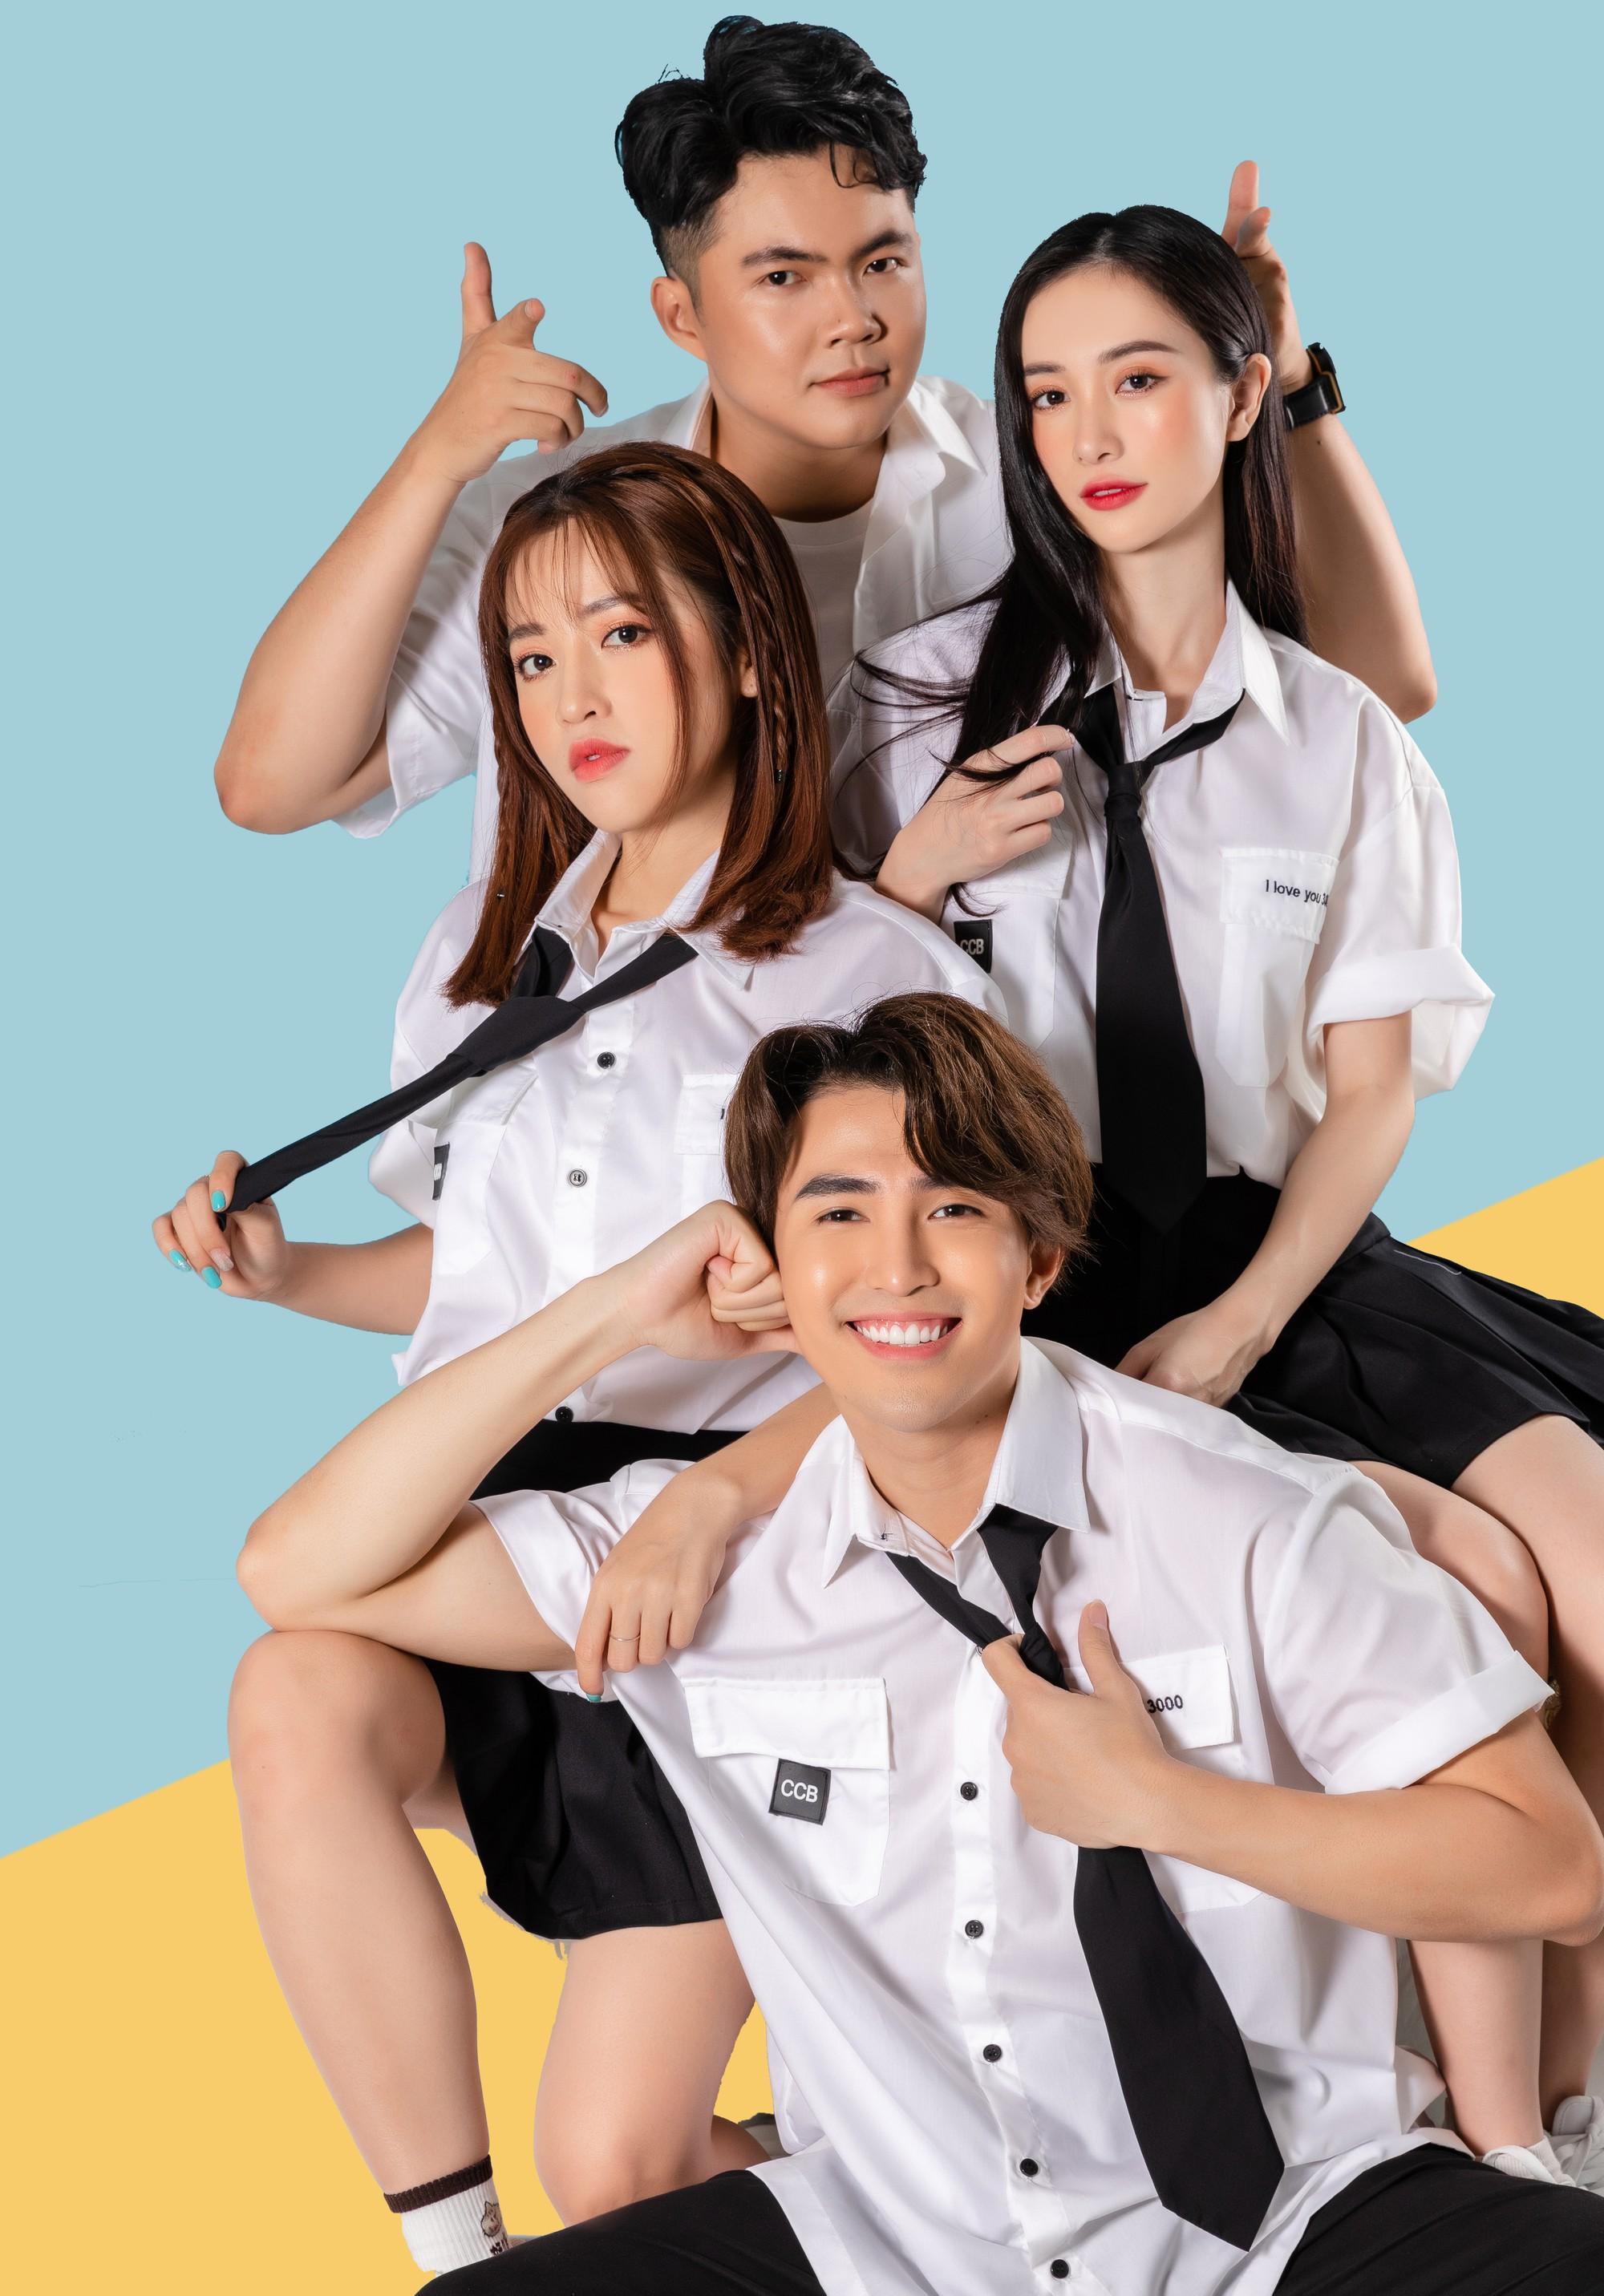 Will - Jun Vũ 'cưa sừng làm nghé', trở lại thời thanh xuân mơ màng 0